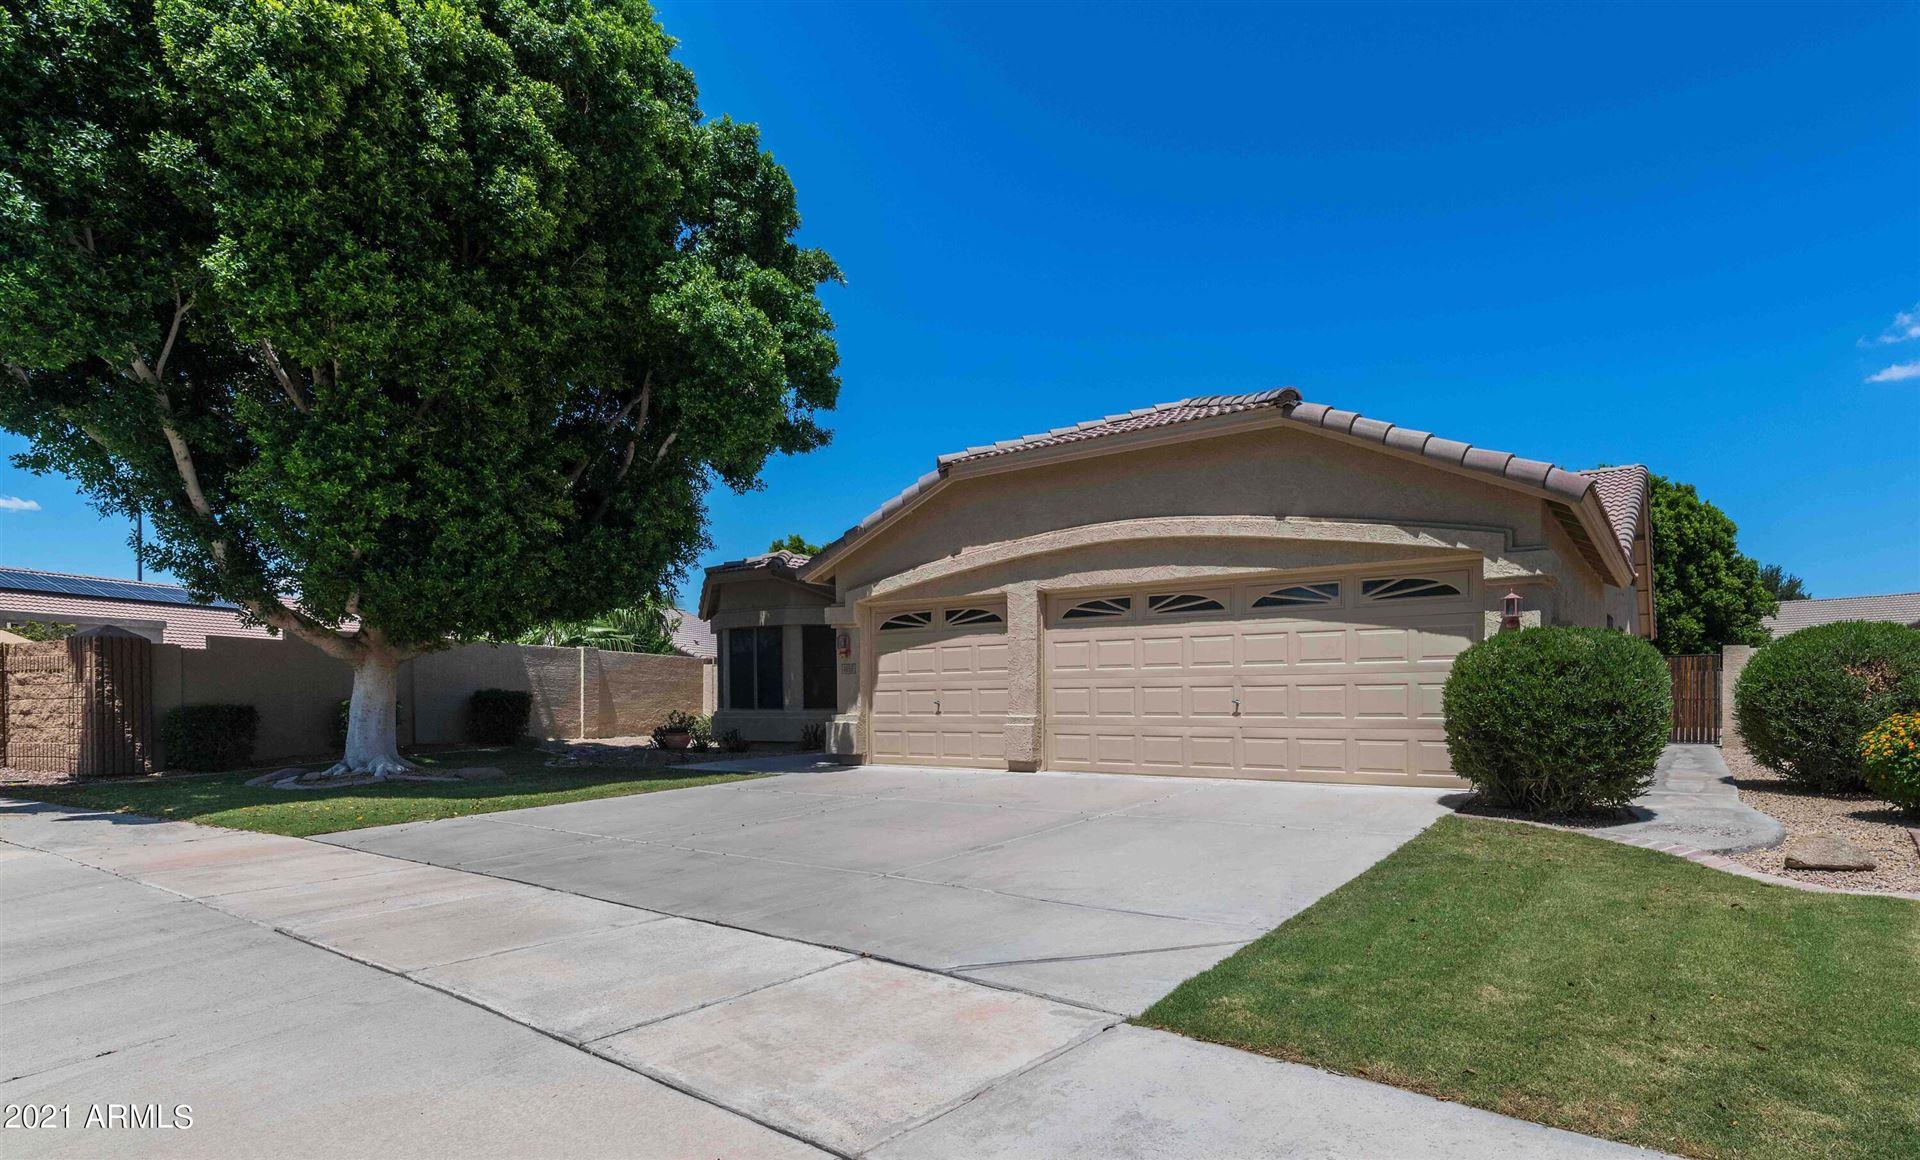 Photo of 4953 S MOSS Drive, Chandler, AZ 85248 (MLS # 6270122)